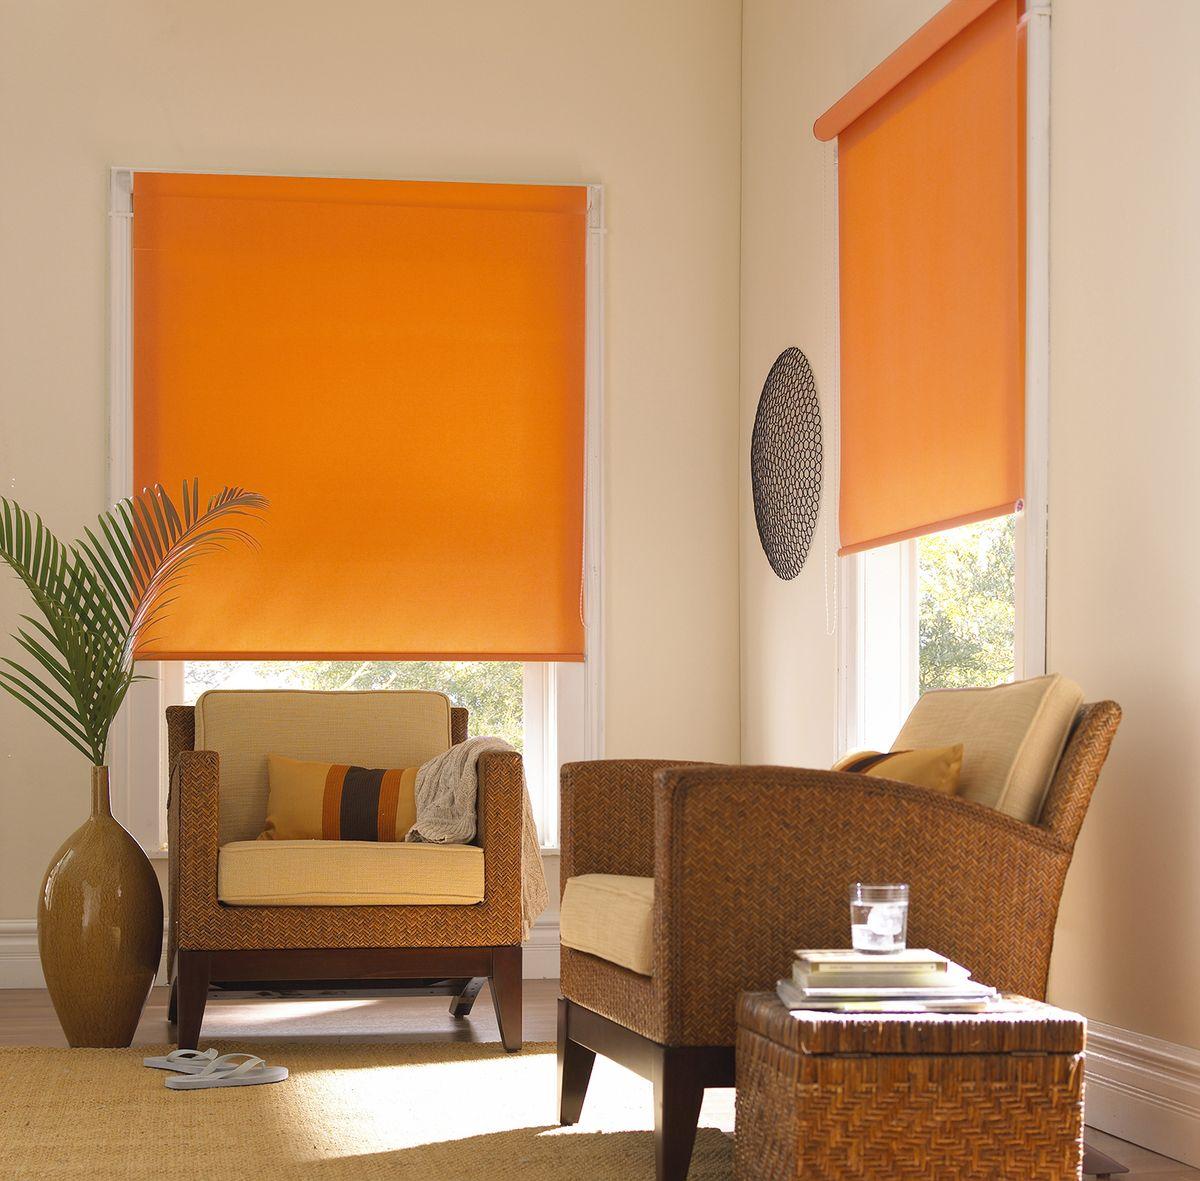 Штора рулонная Эскар Миниролло, цвет: апельсин, ширина 90 см, высота 170 см81103140170Рулонная штора Эскар Миниролло выполнена из высокопрочной ткани, которая сохраняет свой размер даже при намокании. Ткань не выцветает и обладает отличной цветоустойчивостью.Миниролло - это подвид рулонных штор, который закрывает не весь оконный проем, а непосредственно само стекло. Такие шторы крепятся на раму без сверления при помощи зажимов или клейкой двухсторонней ленты (в комплекте). Окно остается на гарантии, благодаря монтажу без сверления. Такая штора станет прекрасным элементом декора окна и гармонично впишется в интерьер любого помещения.